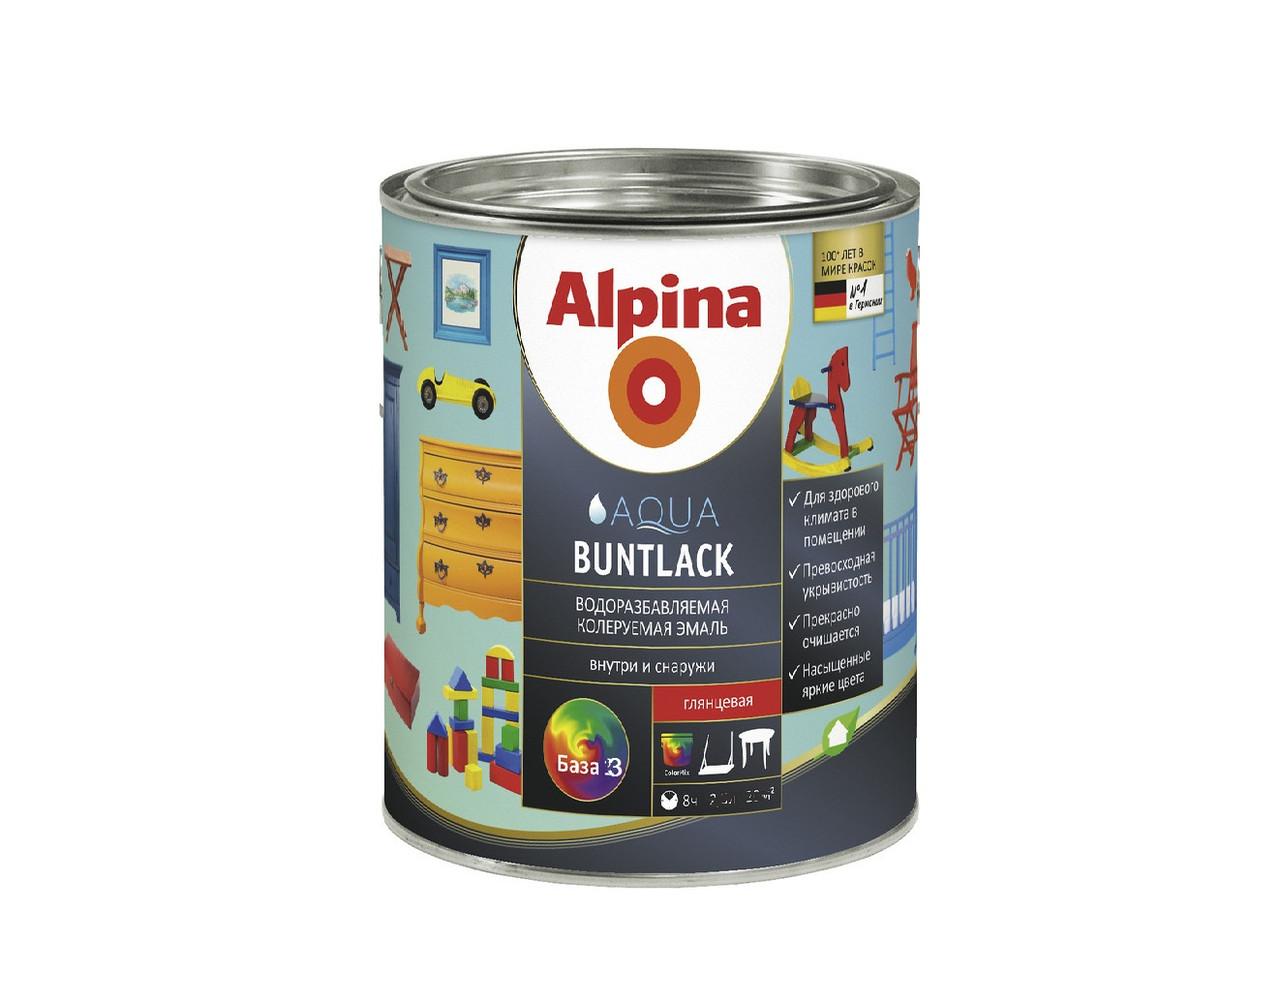 Фото краски Alpina Butlank